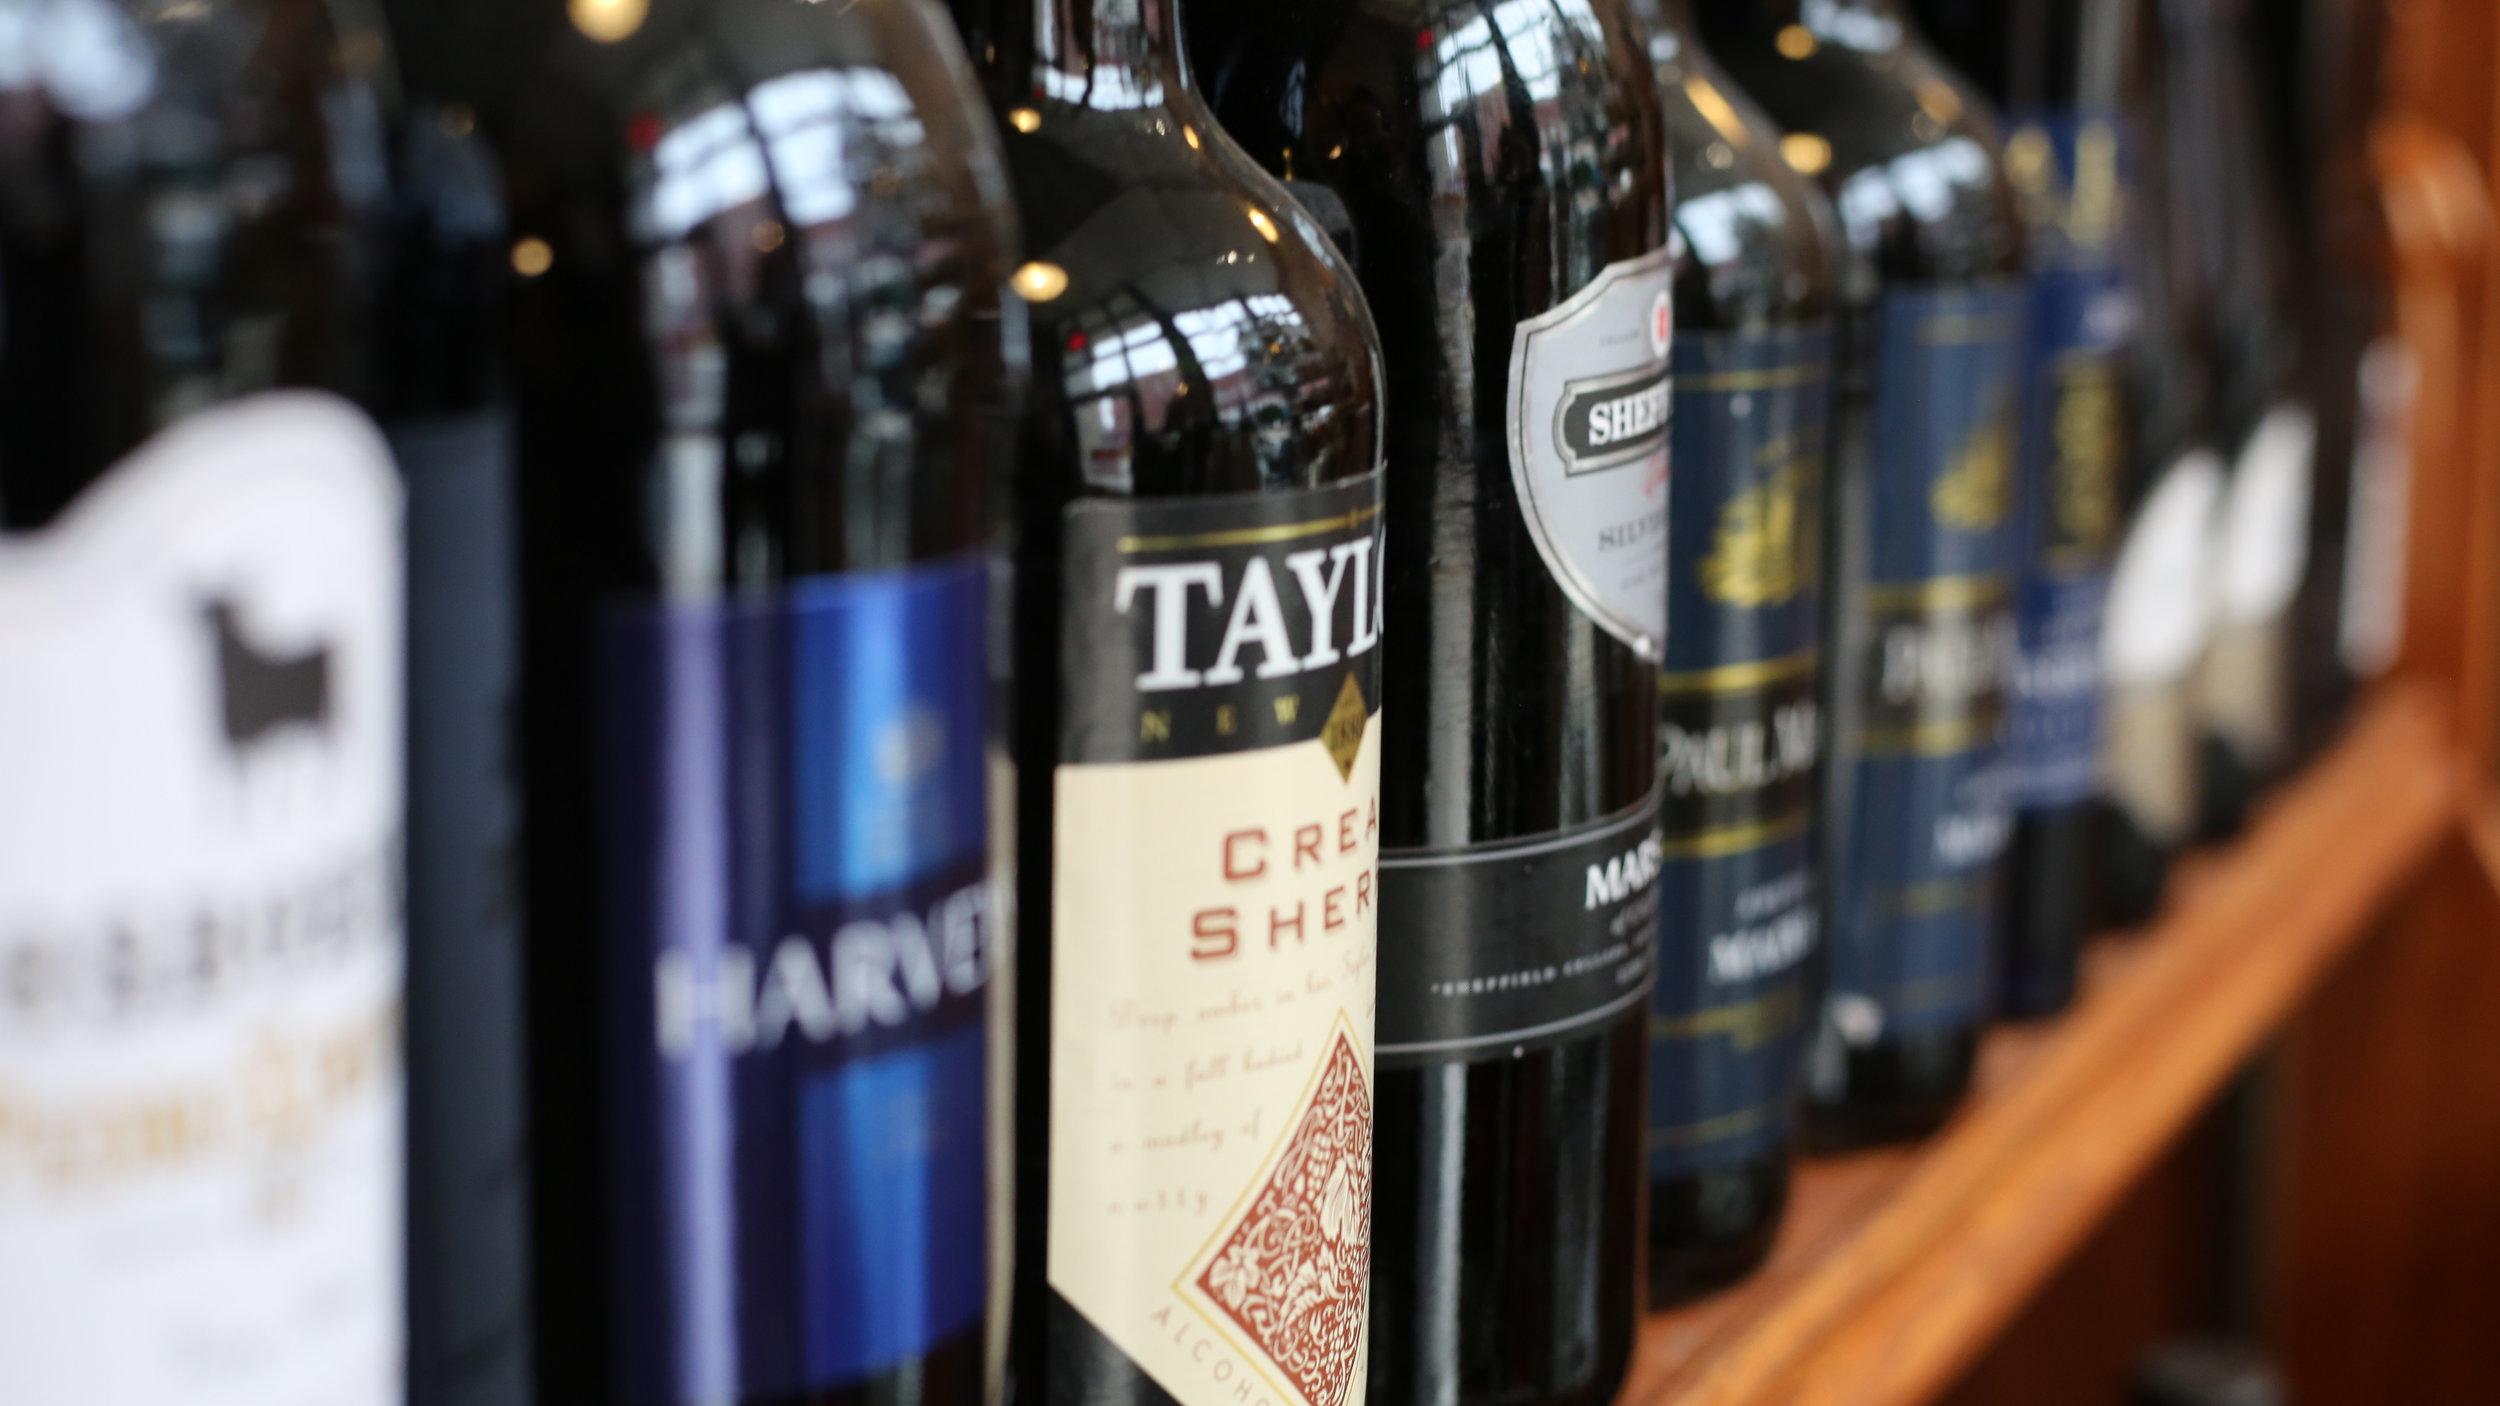 effingham-village-wine-and-spirits-13.jpg